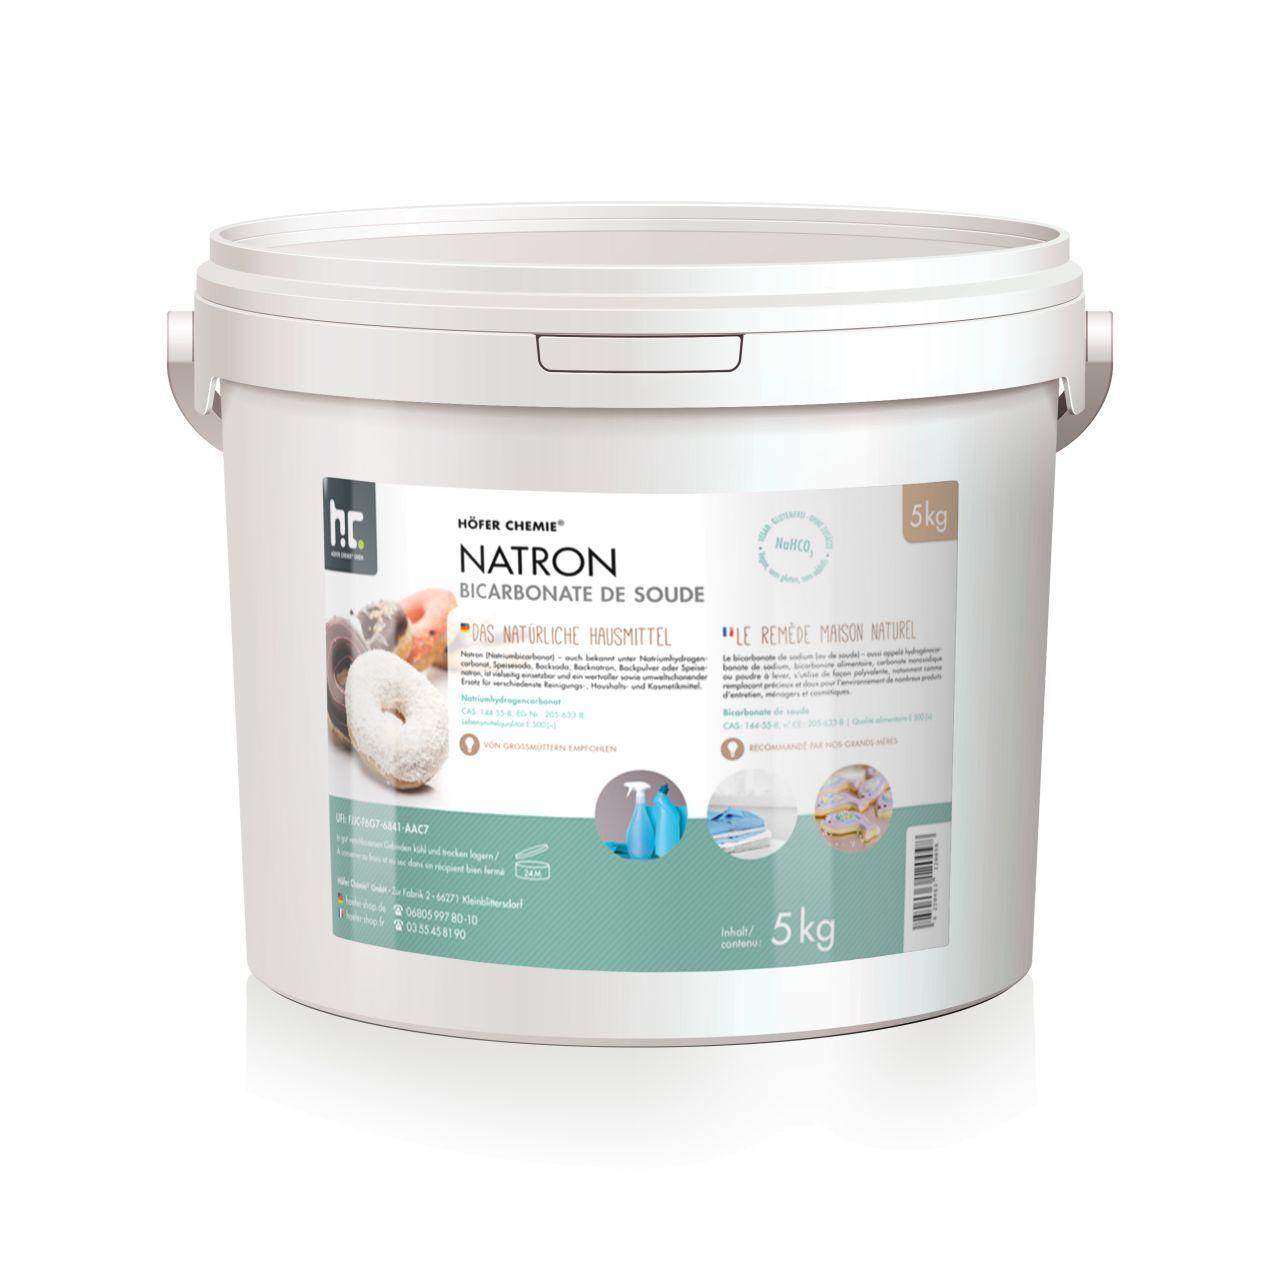 Höfer Chemie 5 kg de bicarbonate de sodium en qualité alimentaire (1 x 5 kg)